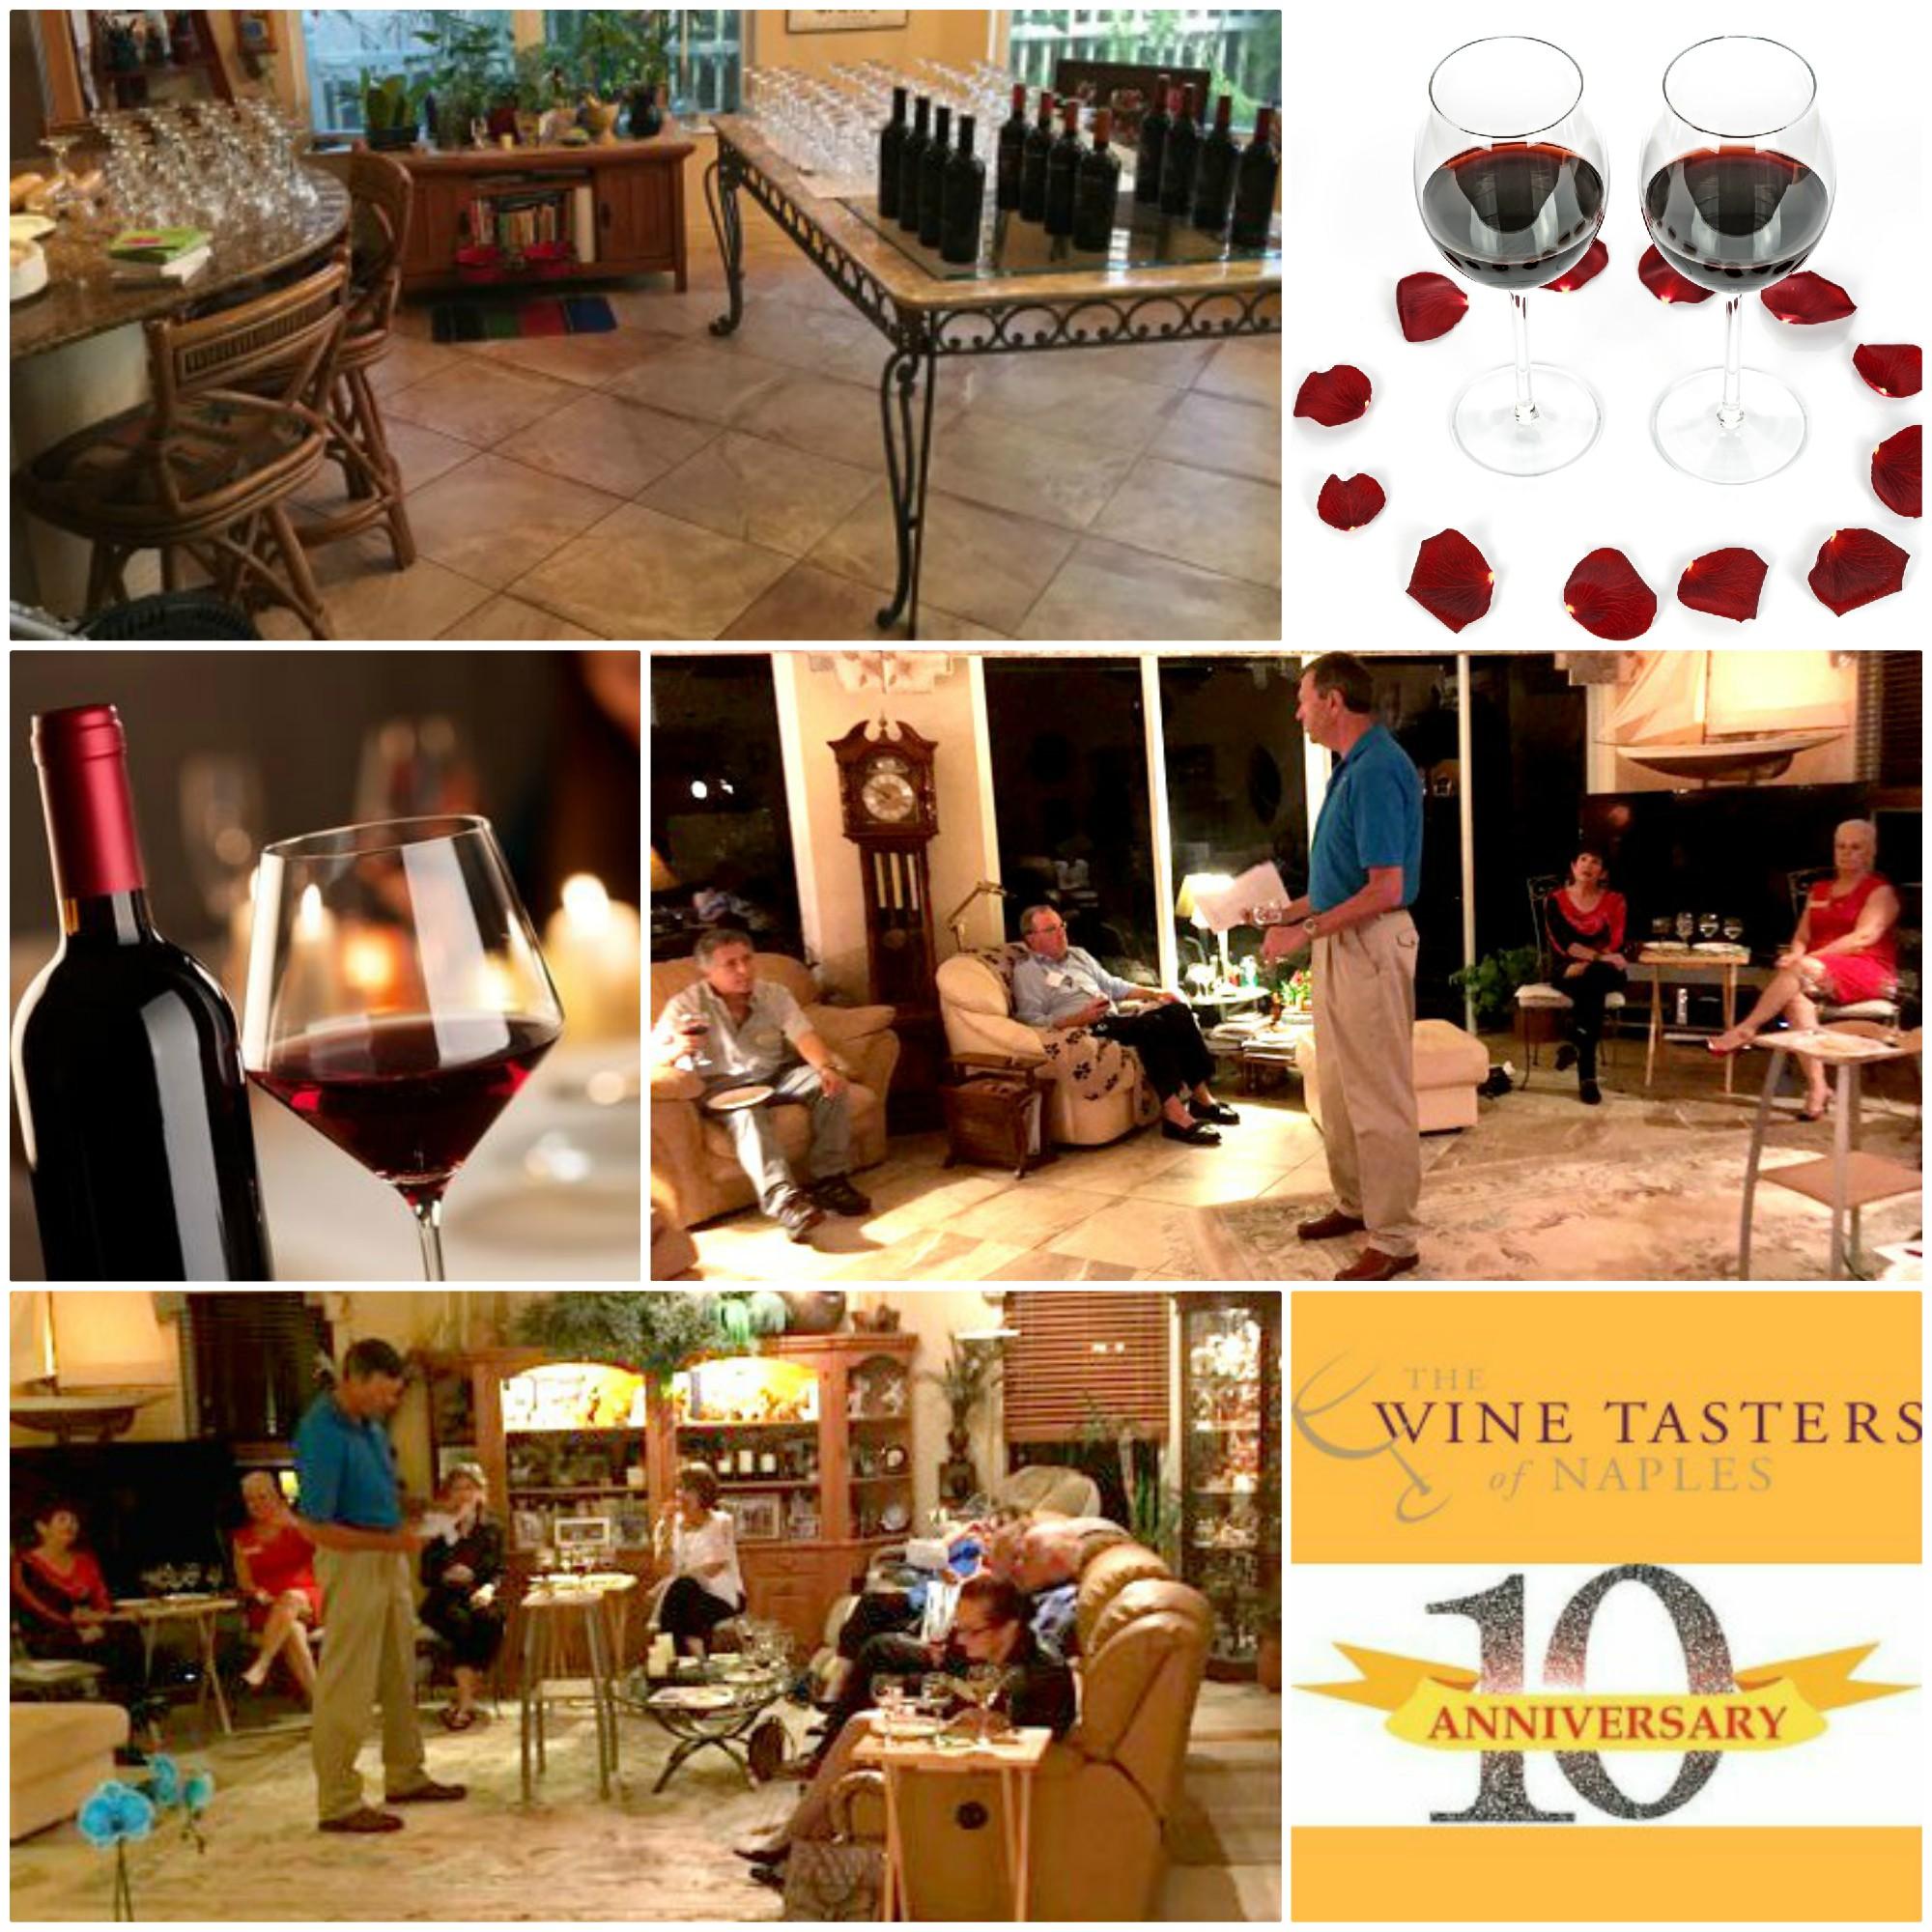 Wine Tasters of Naples red wine tasting event